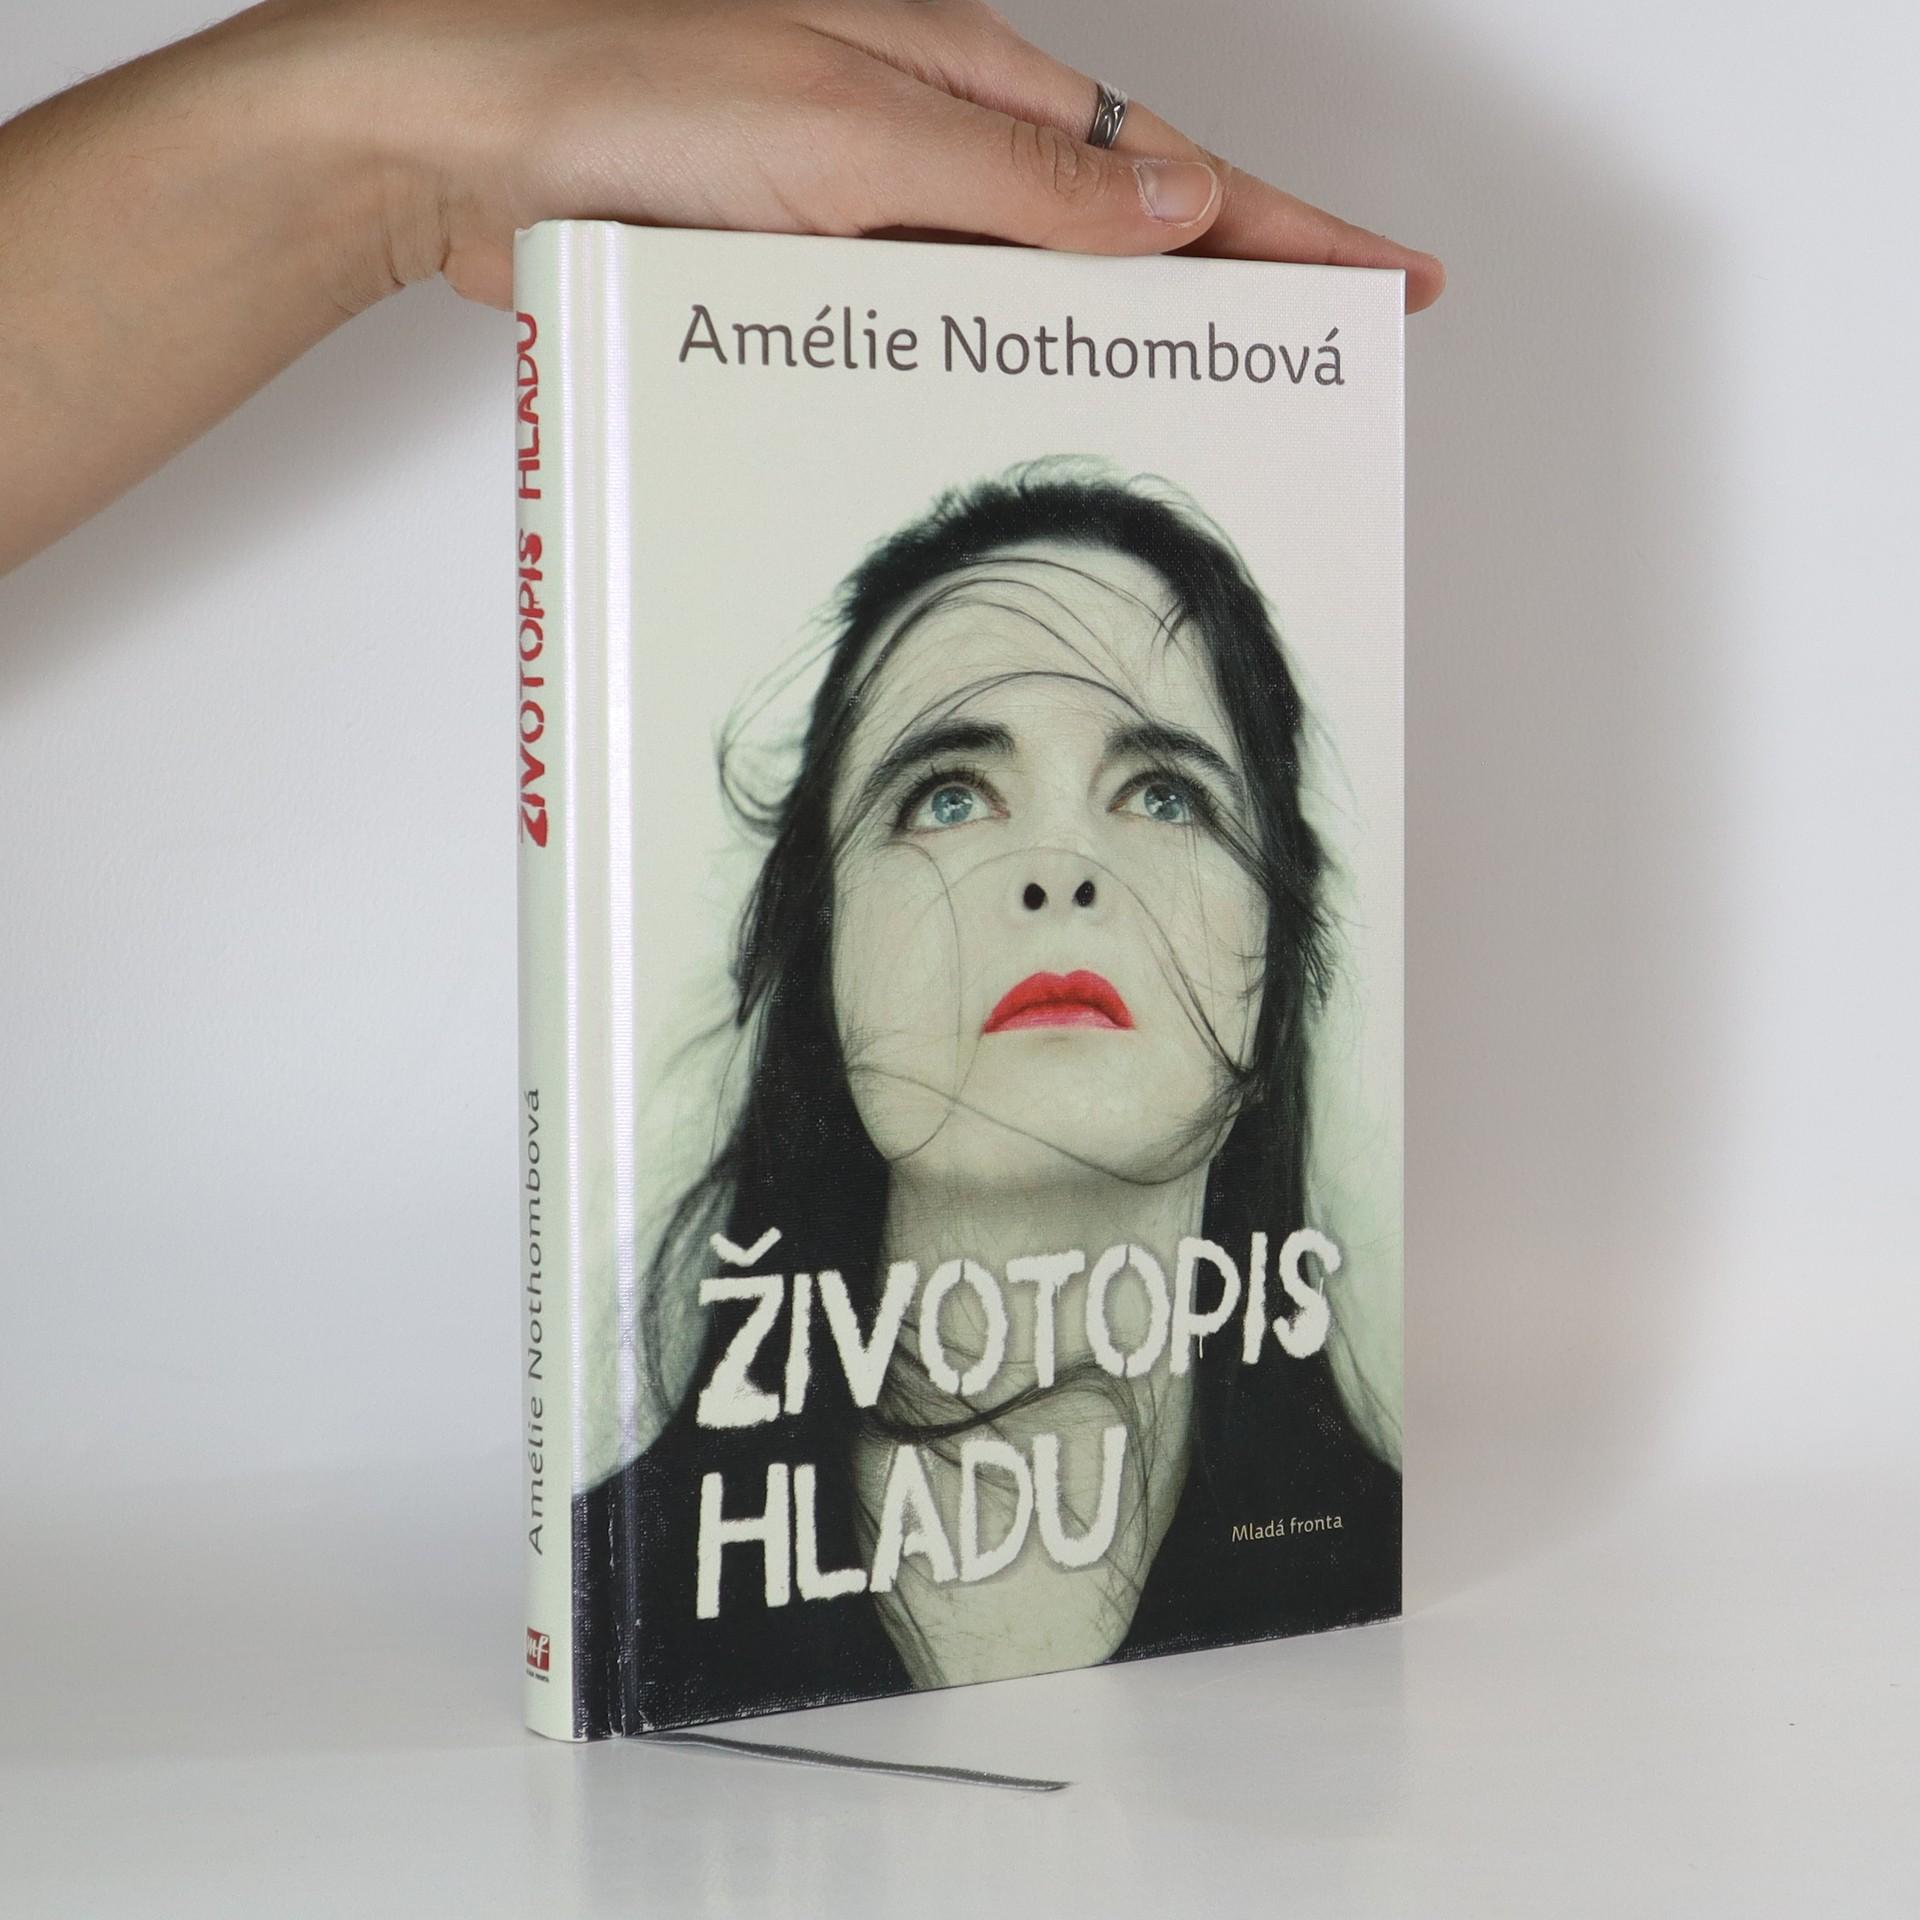 antikvární kniha Životopis hladu, 2012